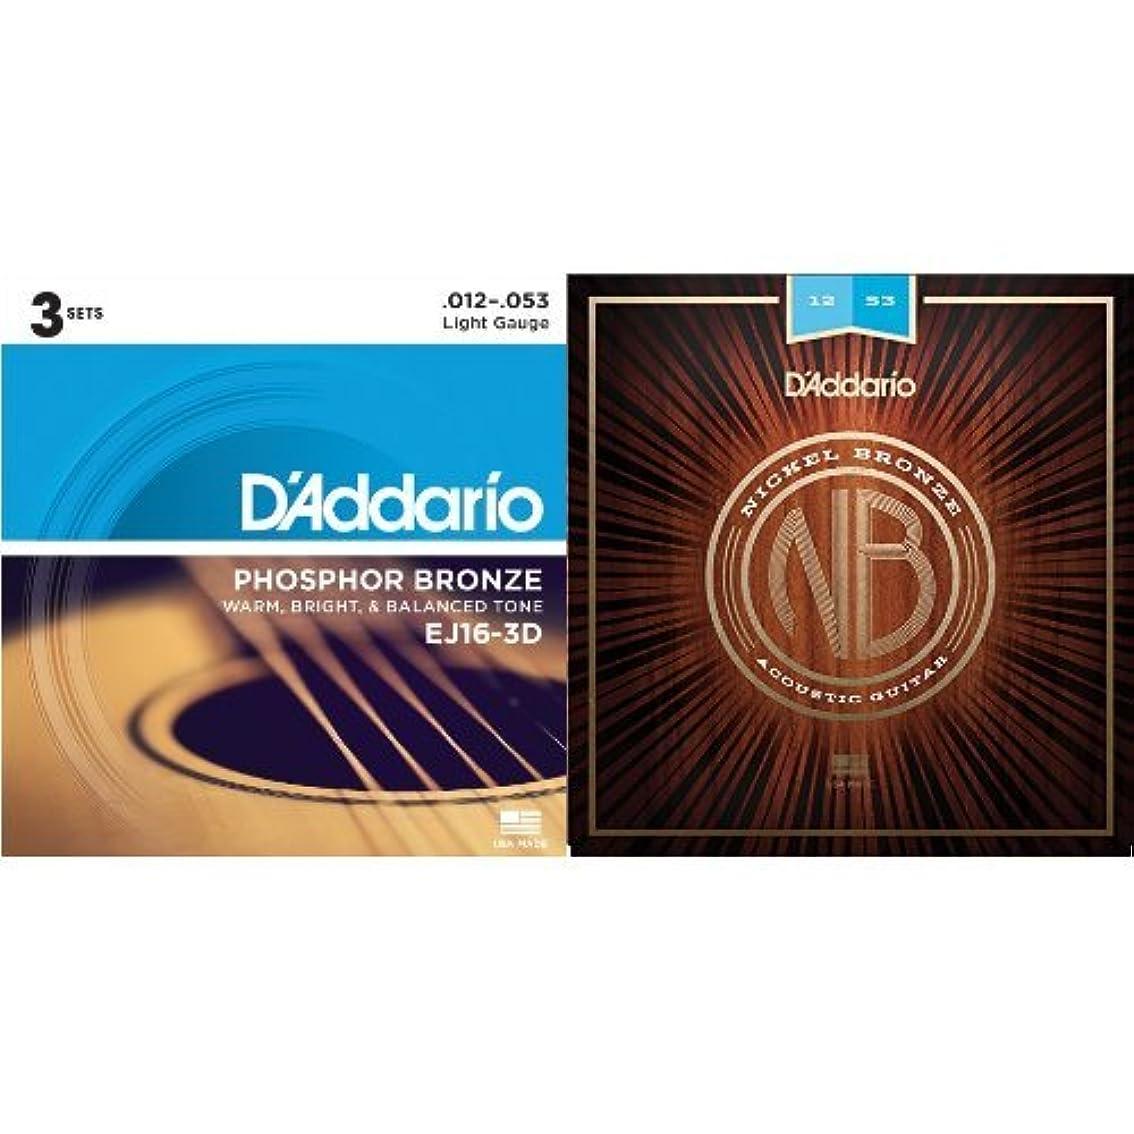 おいしいピアノ勇敢なD'Addario ダダリオ アコースティックギター弦 Light .012-.053 EJ16-3D + NB1253 バンドルセット